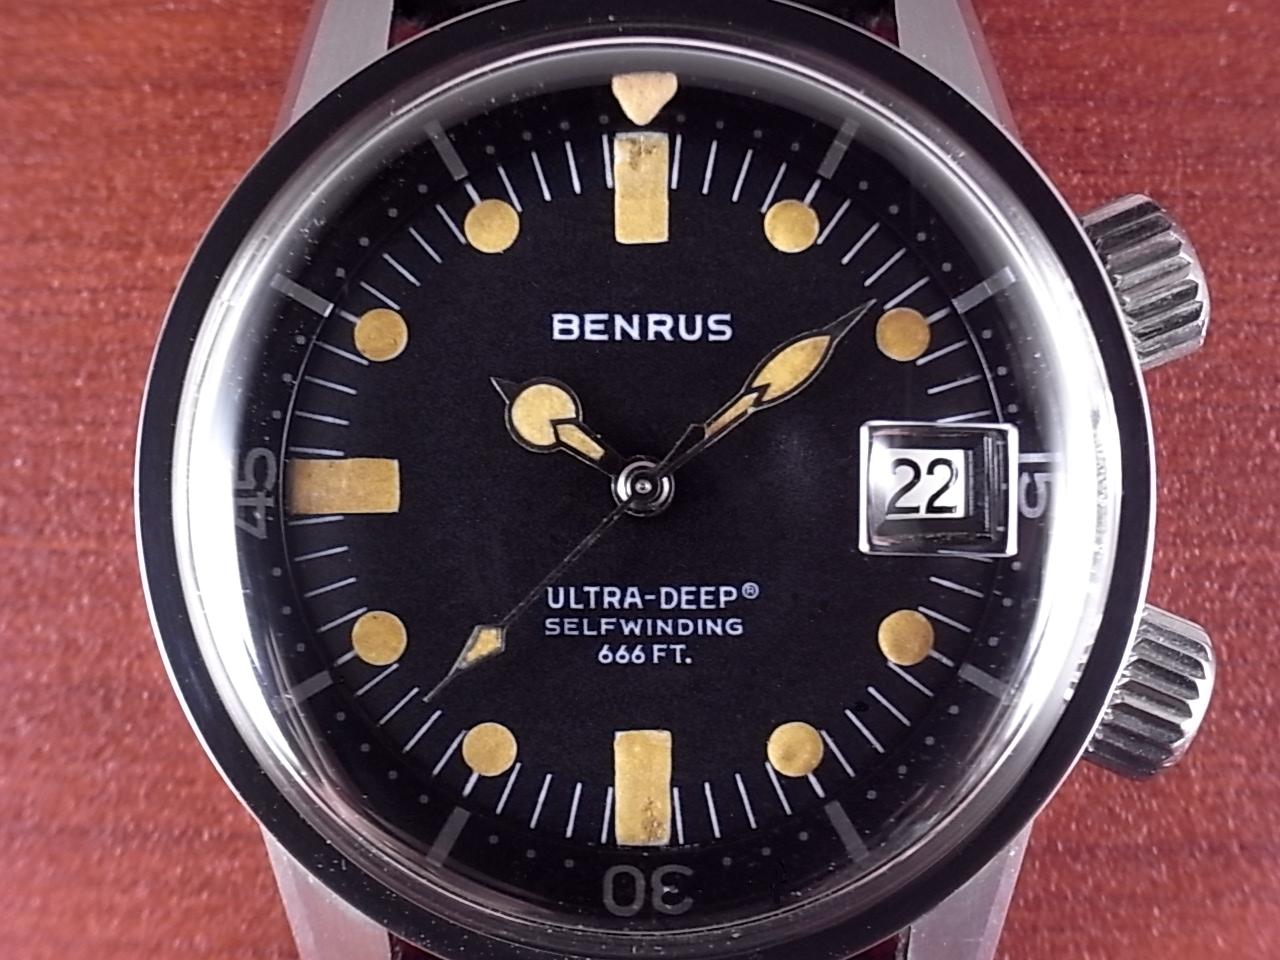 ベンラス ウルトラディープ スーパーコンプレッサー ニアミントコンディション 1960年代の写真2枚目